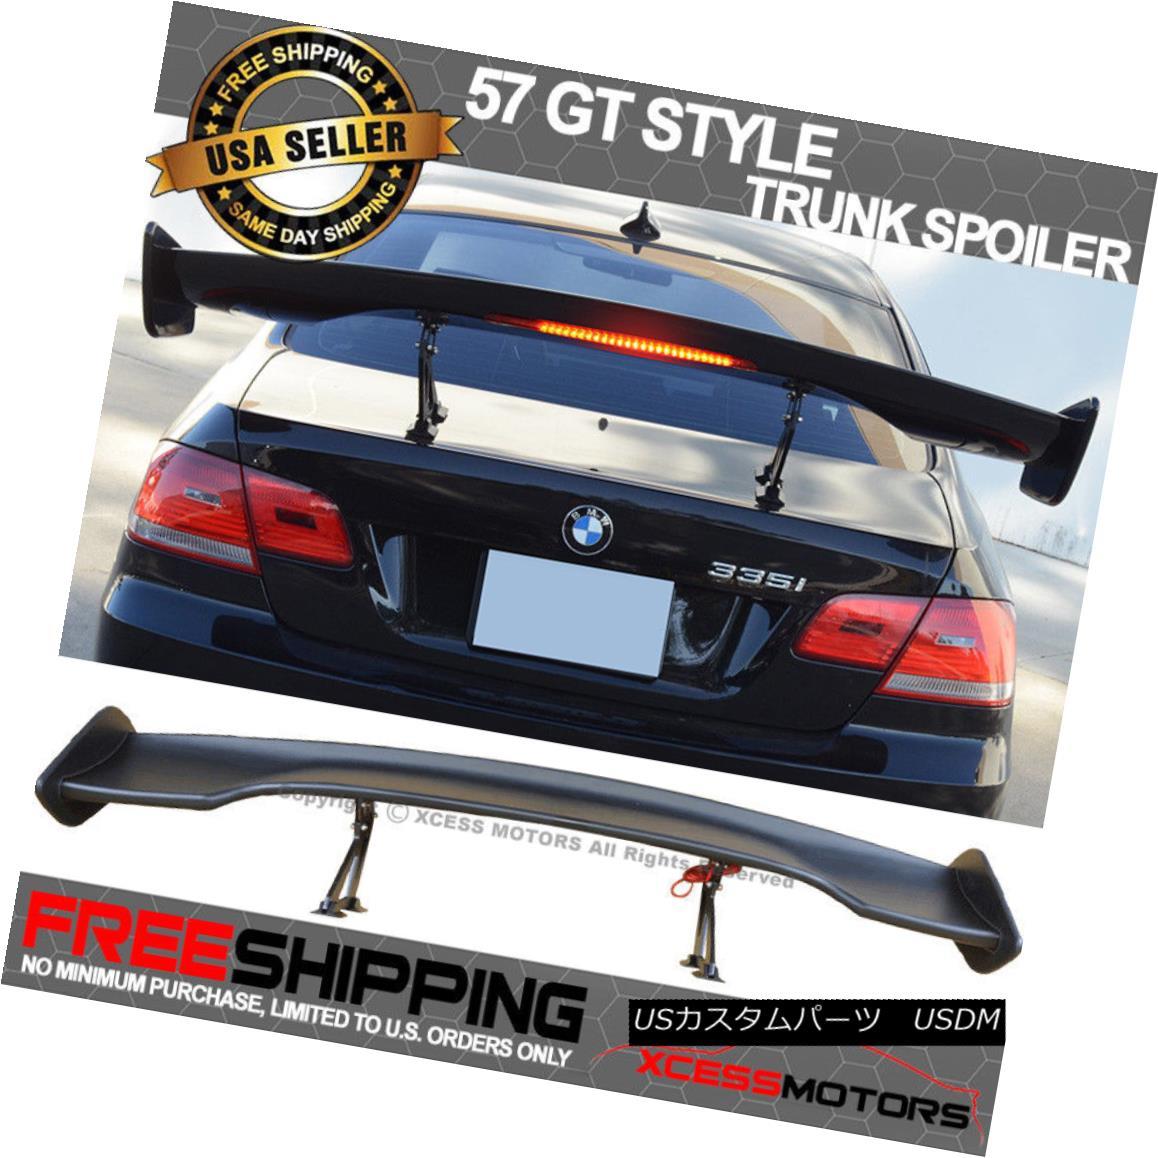 エアロパーツ Fits 57 Inch GT Adjustable Black ABS Trunk Spoiler Wing With LED Brake Light JDM 57インチのGT調整可能なブラックABSブロッキングスポイラーウィングLEDブレーキライトJDMに適合